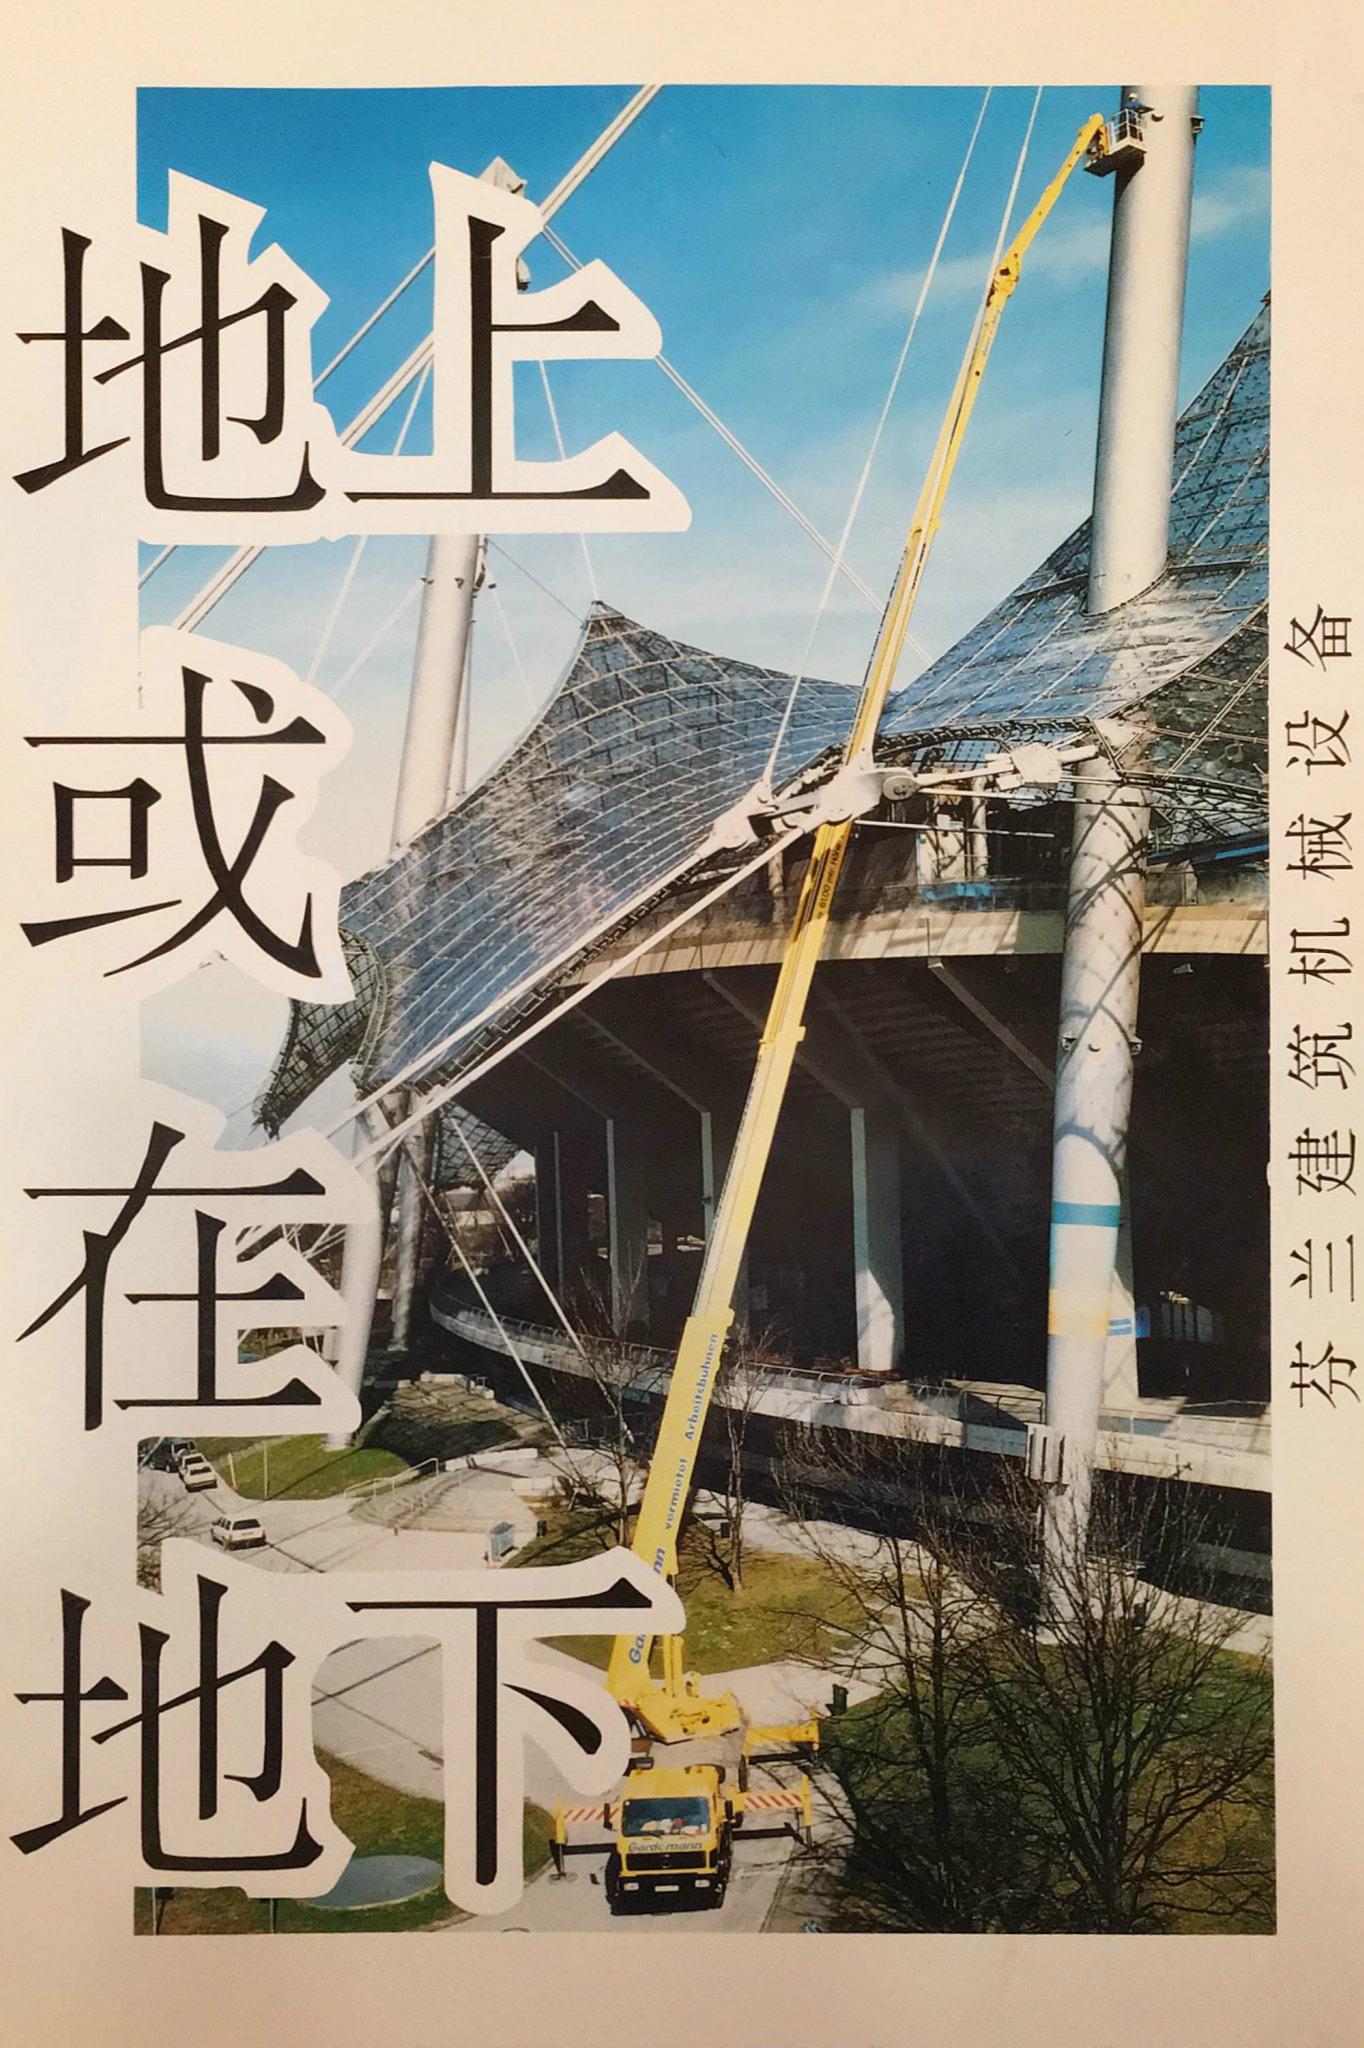 tekway-company-leaflets-brochures-machinery-e1585129769913-1438x2048_meitu_1